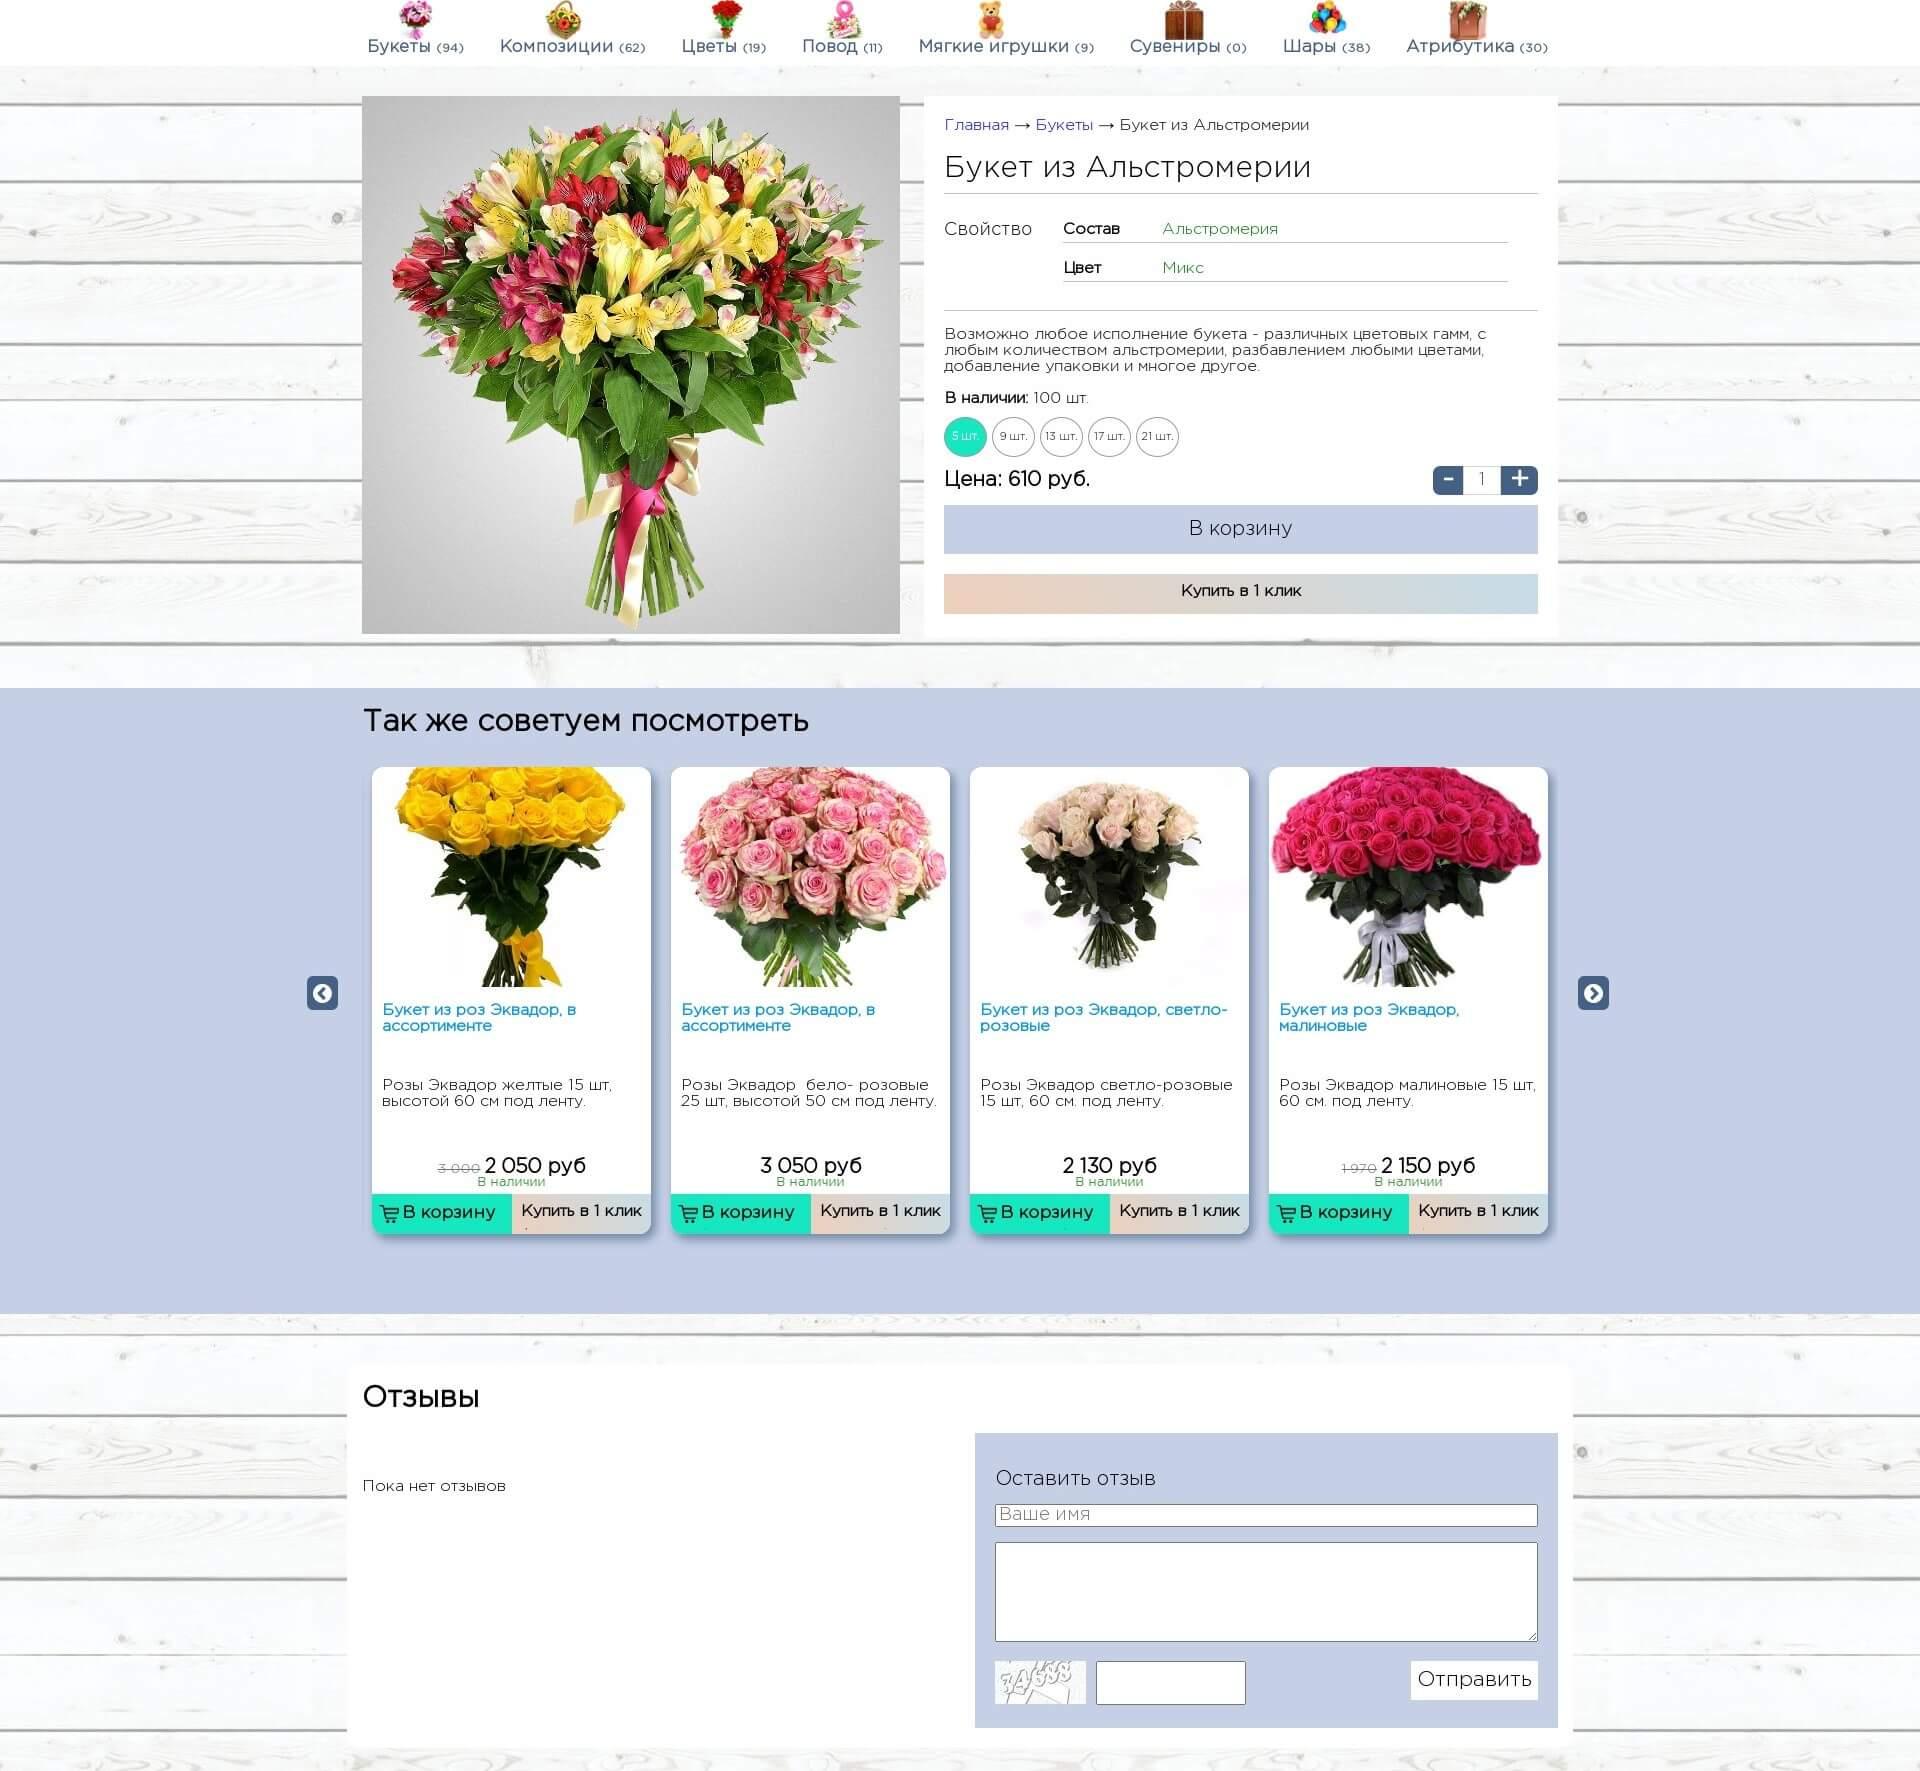 Скриншот №3 страницы сайта во весь экран. Интернет магазин для салона цветов